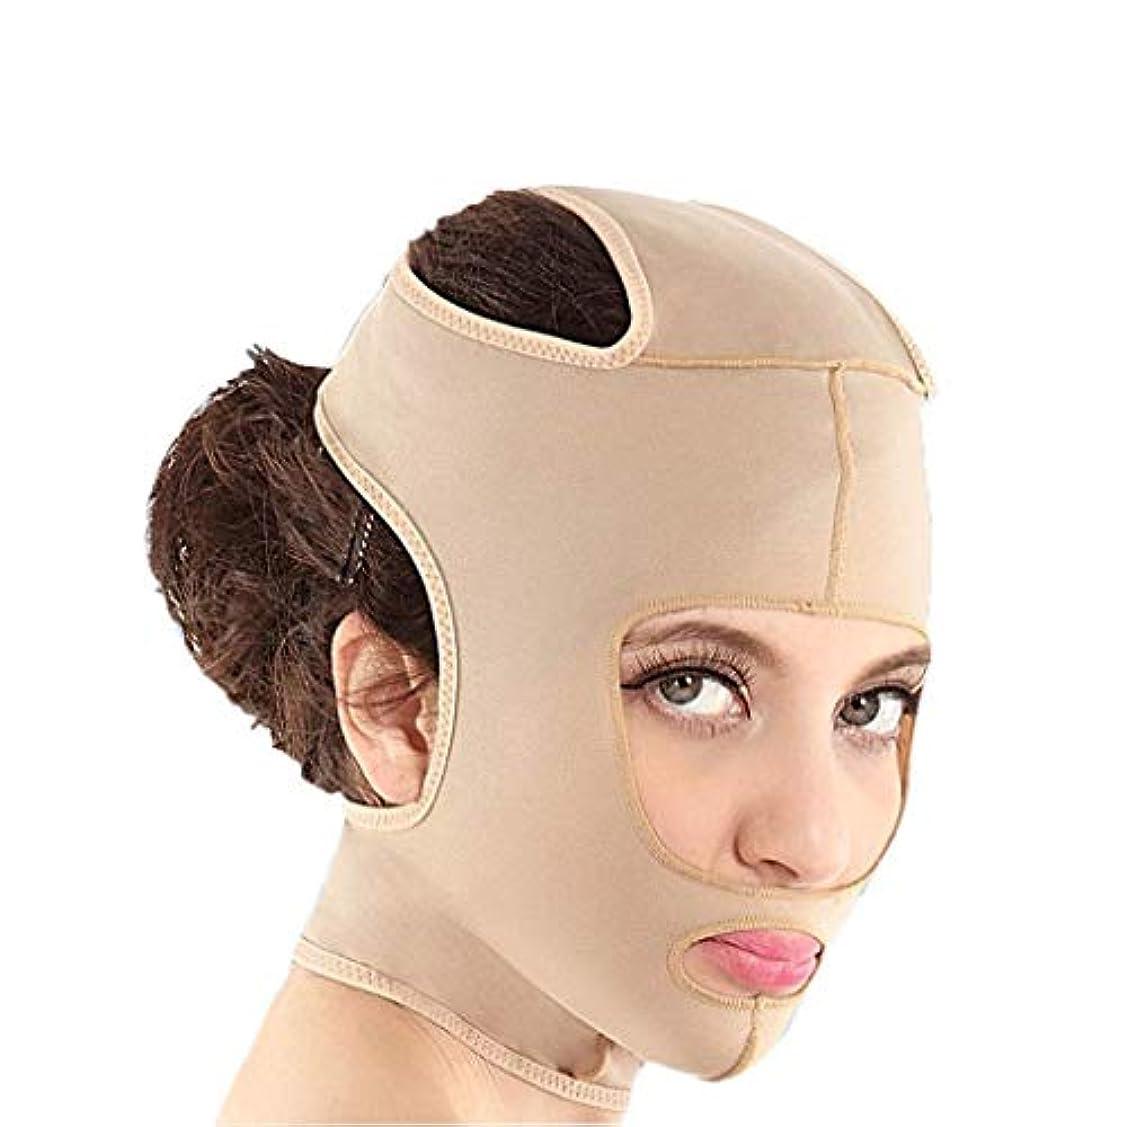 運賃誘導つま先フェイスリフティングマスク、リフティングスキンリンクルシンダブルチンシンフェイスバンデージオブスキンサギング(サイズ:Xl)